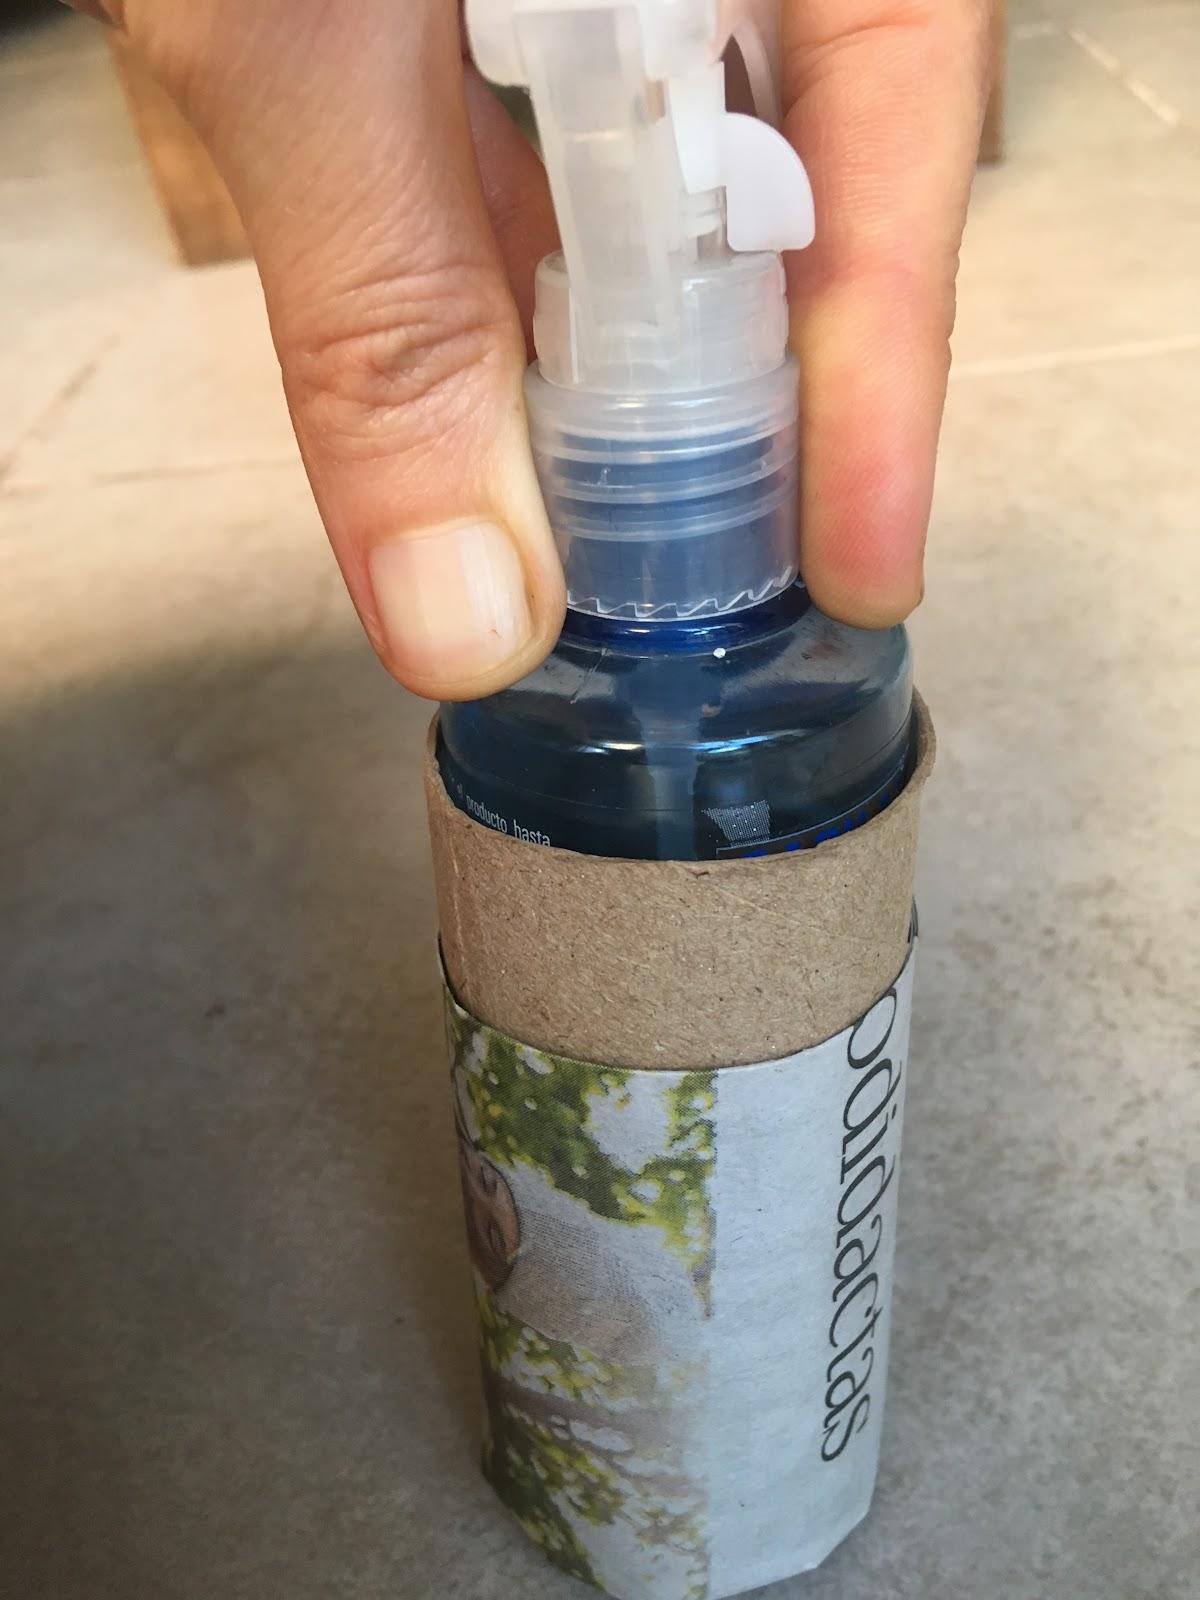 el pulverizador colocado dentro del rollo de cartón recientemente cubierto en papel de diario.